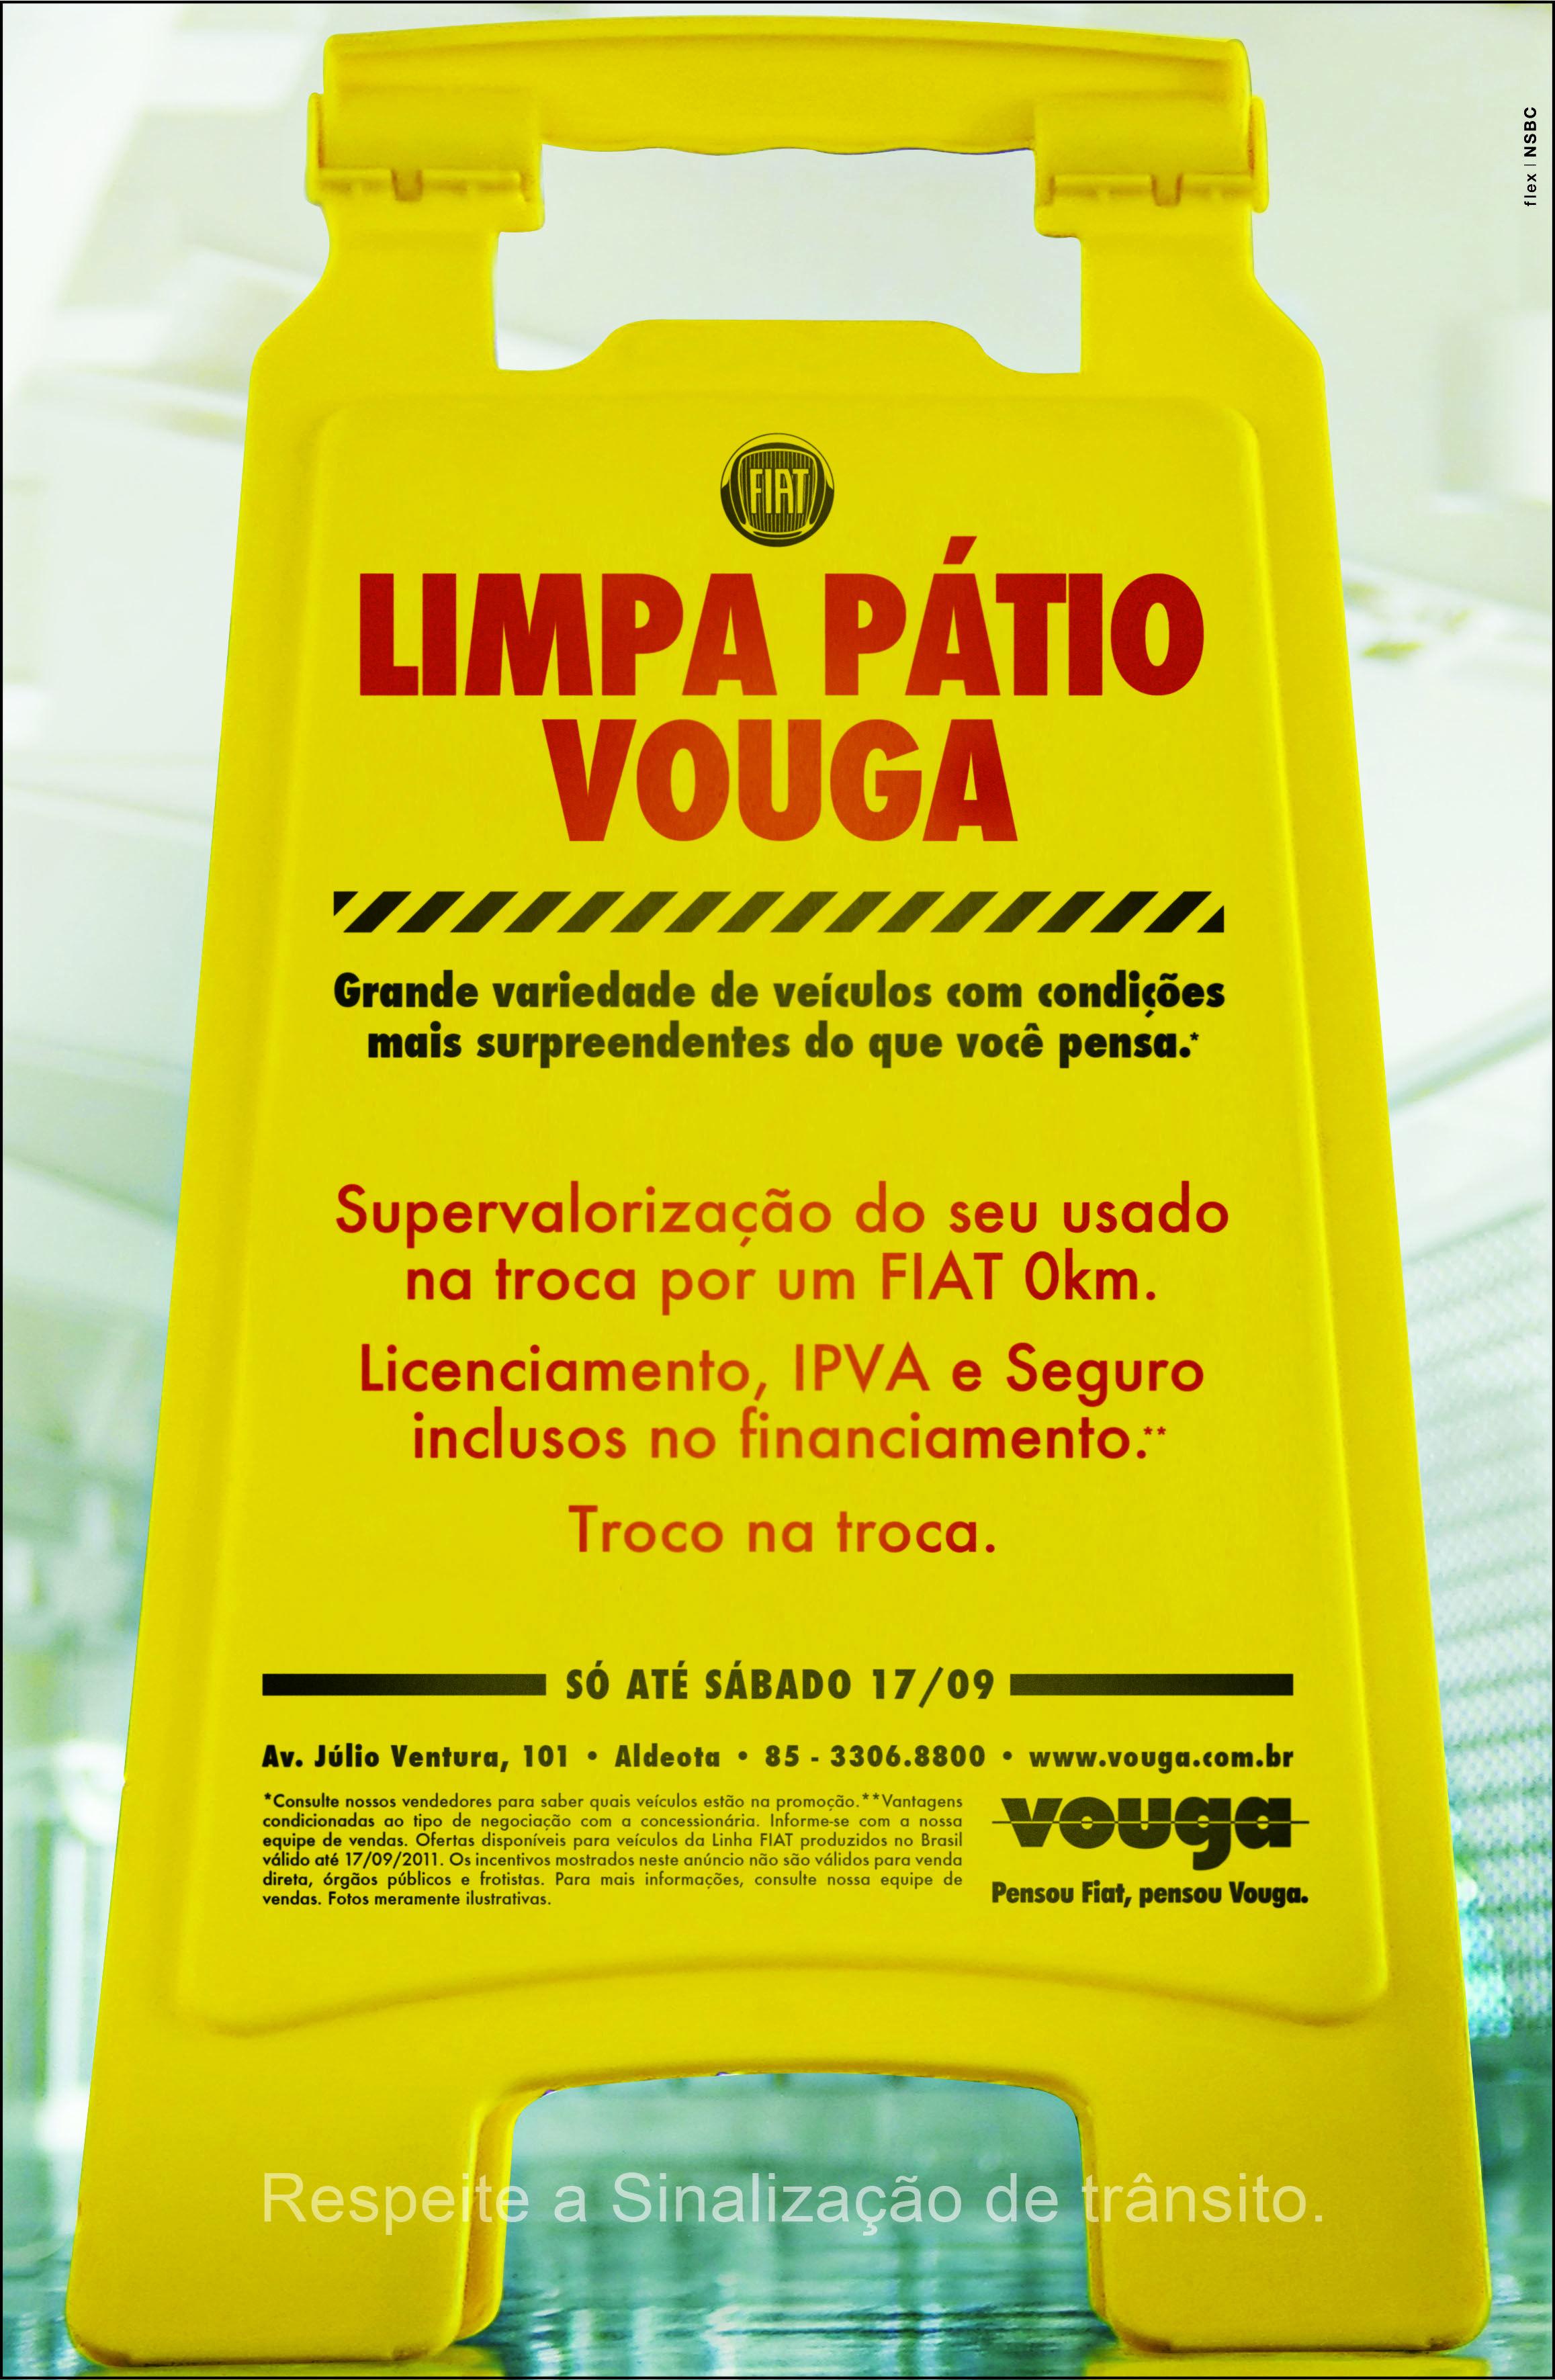 Flex cria para Vouga - Limpa Pátio